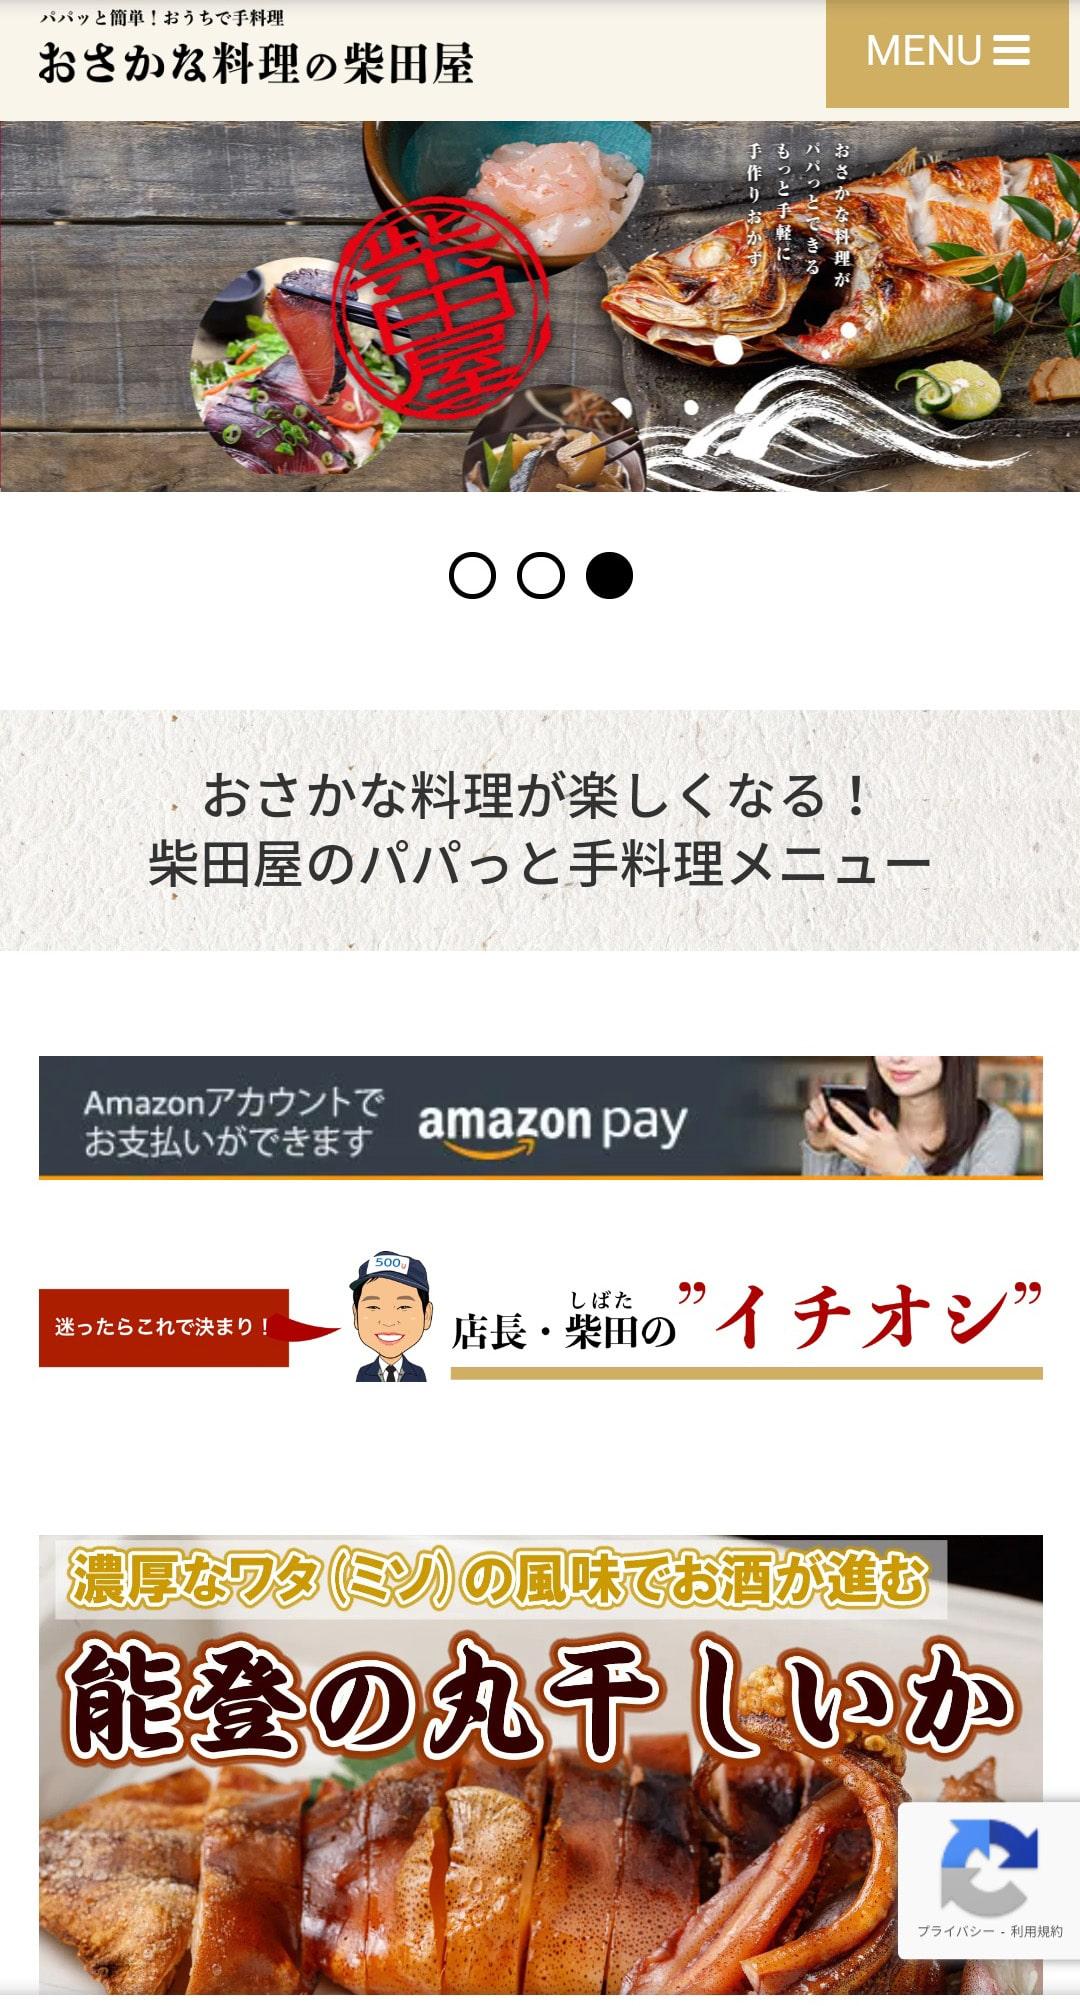 おさかな料理の柴田屋ウェブサイト